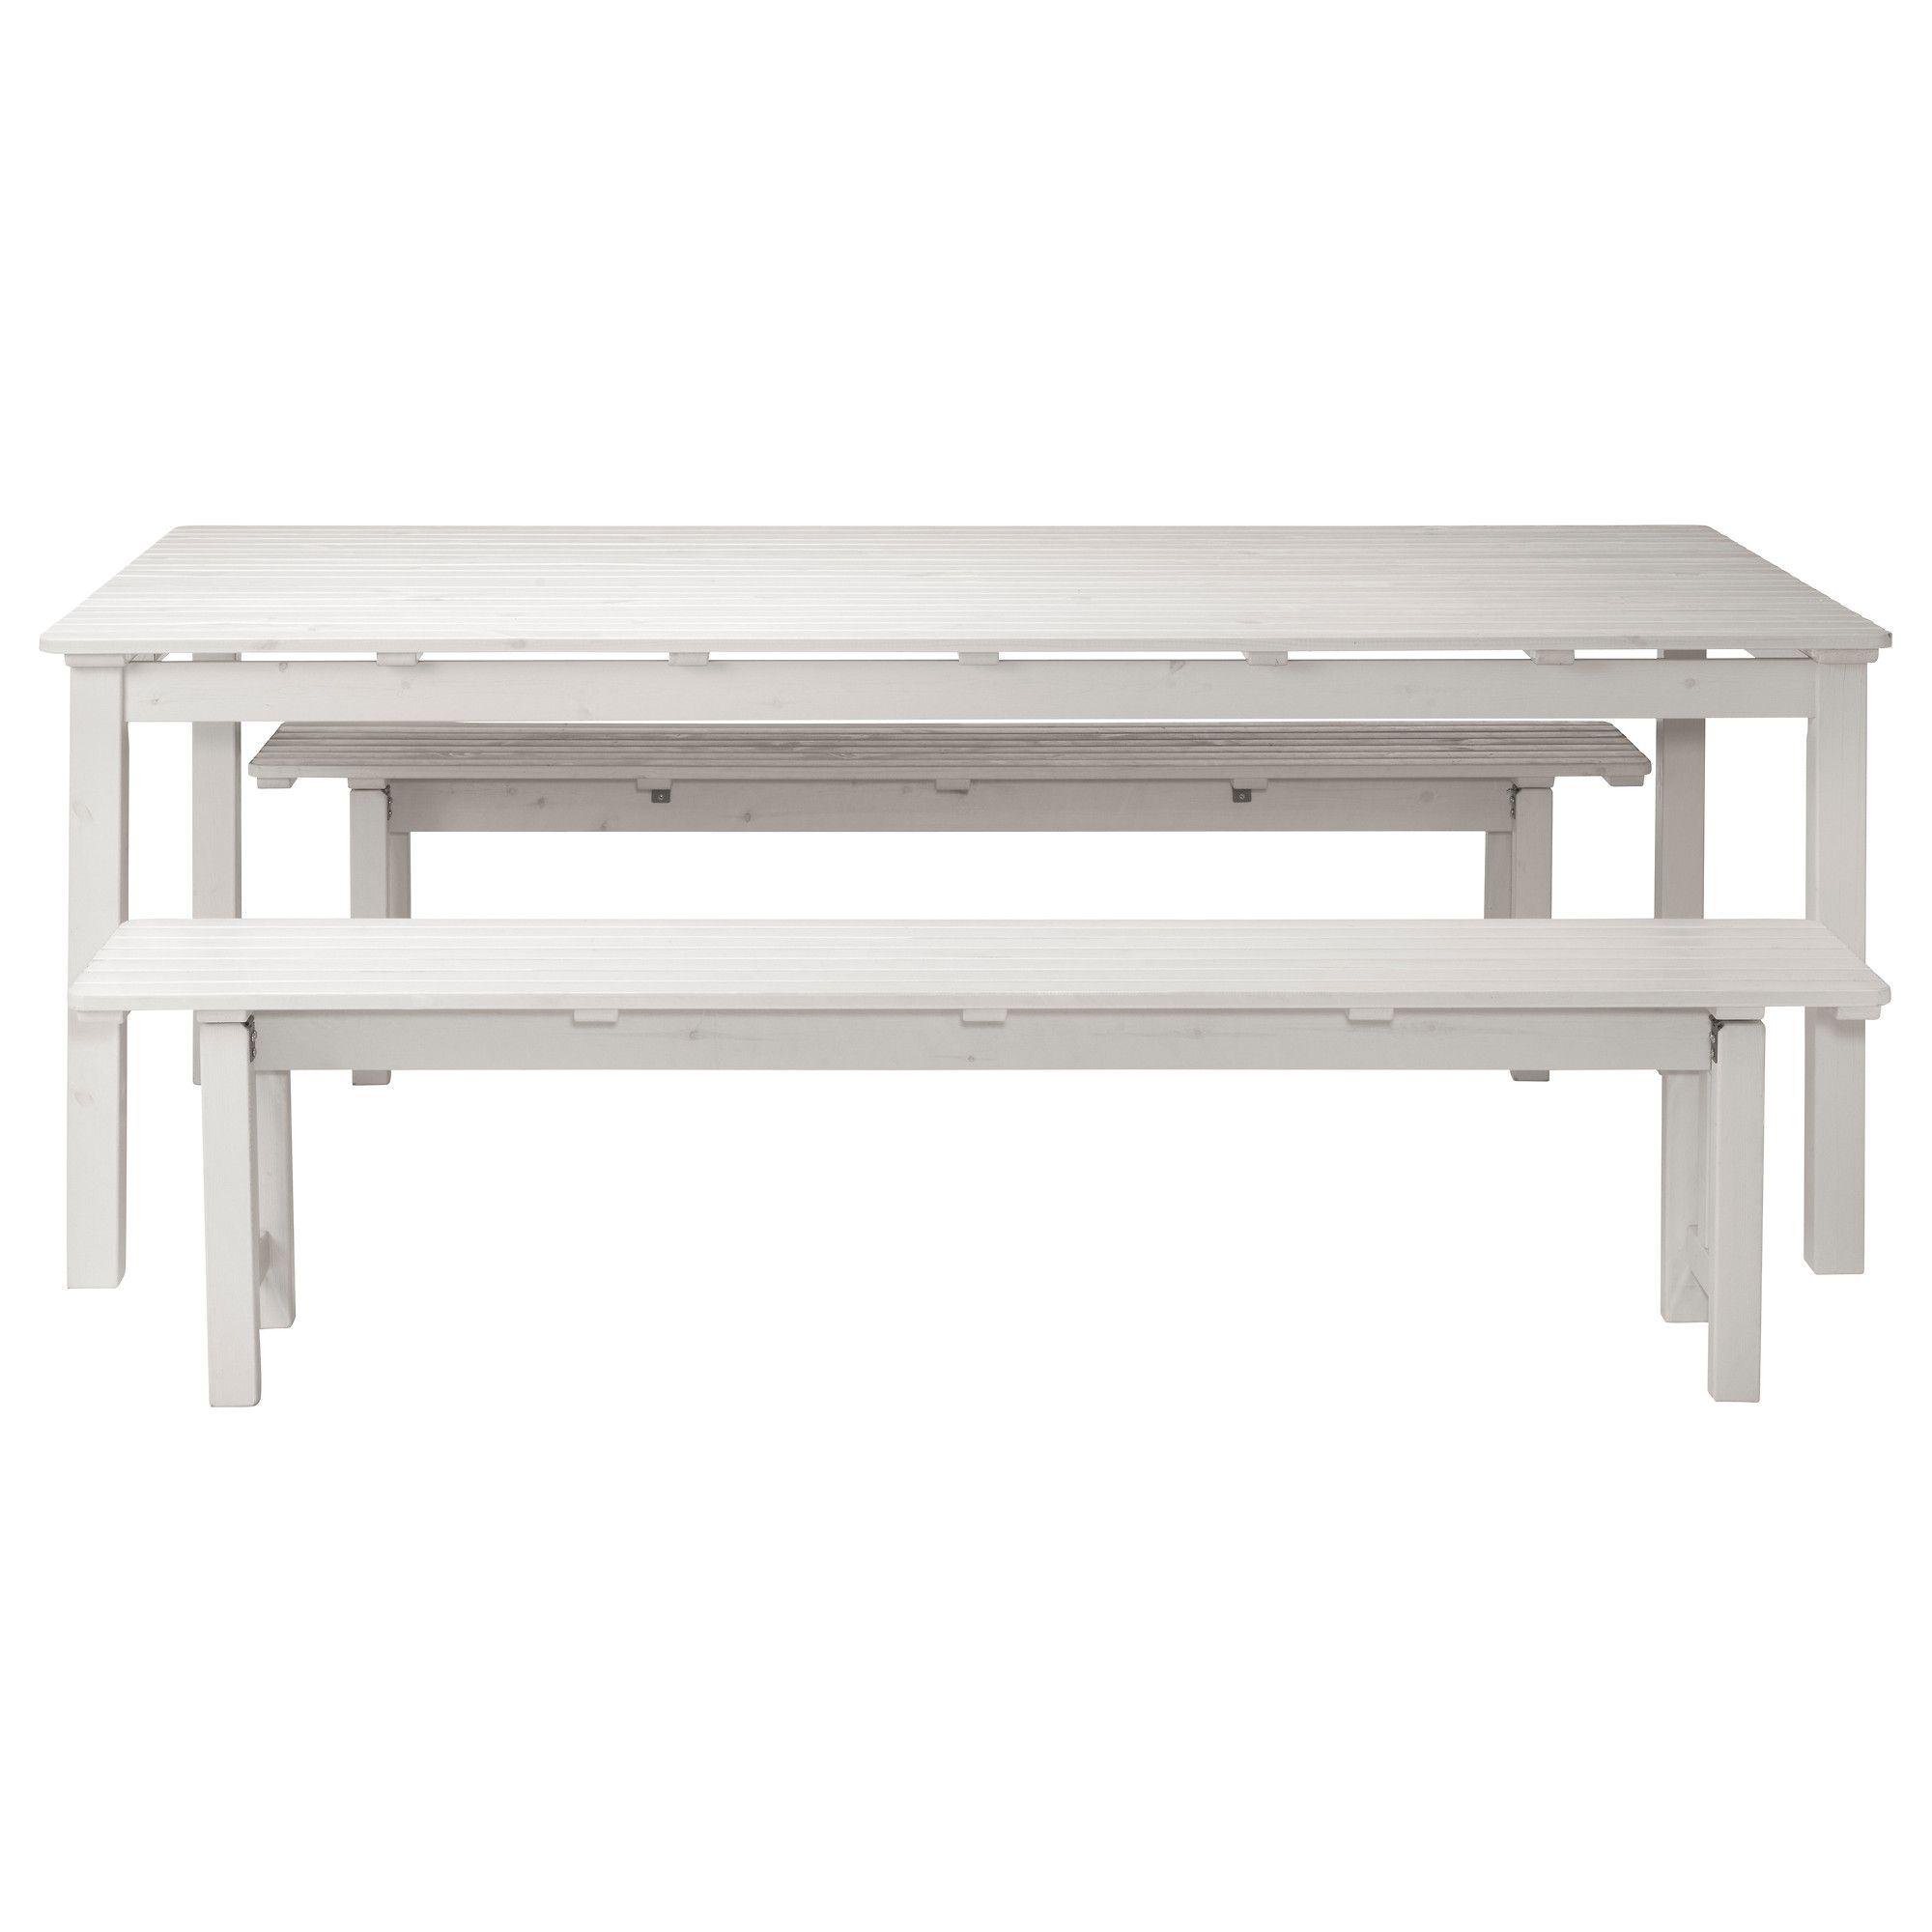 Hervorragend ÄNGSÖ, Tisch+2 Bänke/außen, weiß las. weiß, weiß Jetzt bestellen  YR57